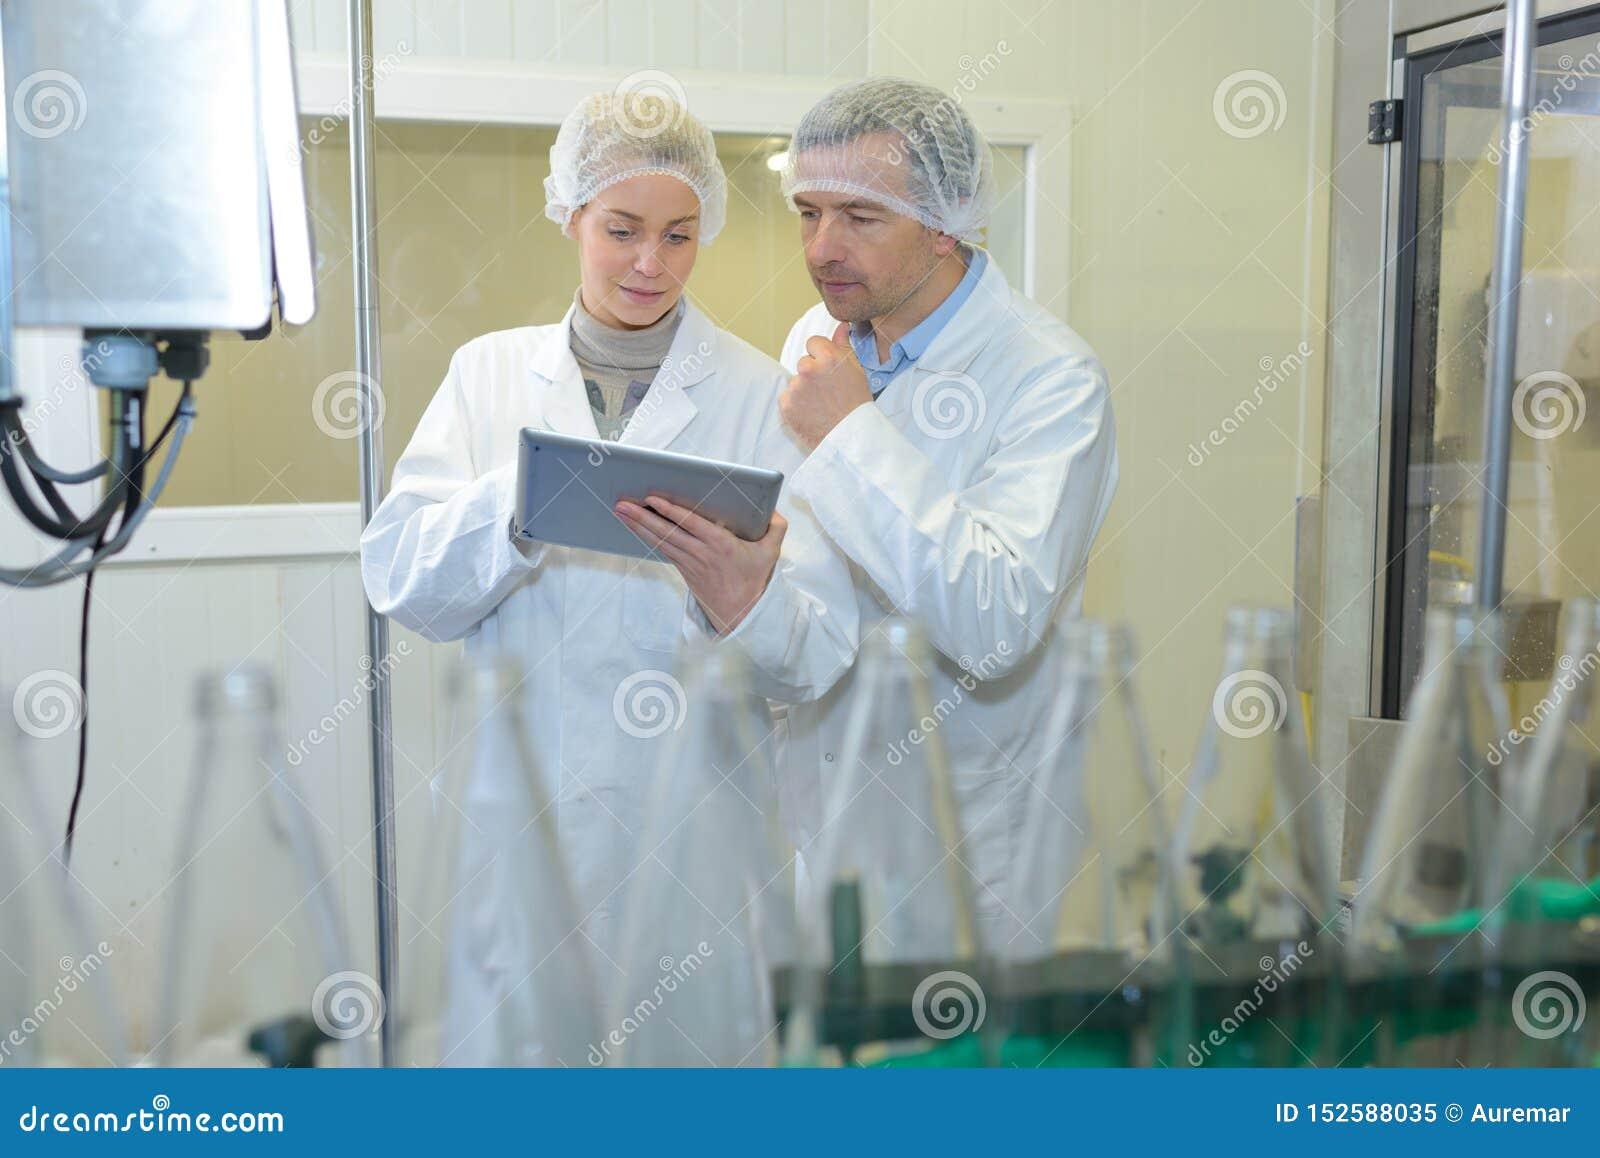 Zwei Spezialisten in der Fabrik Flaschen überprüfend